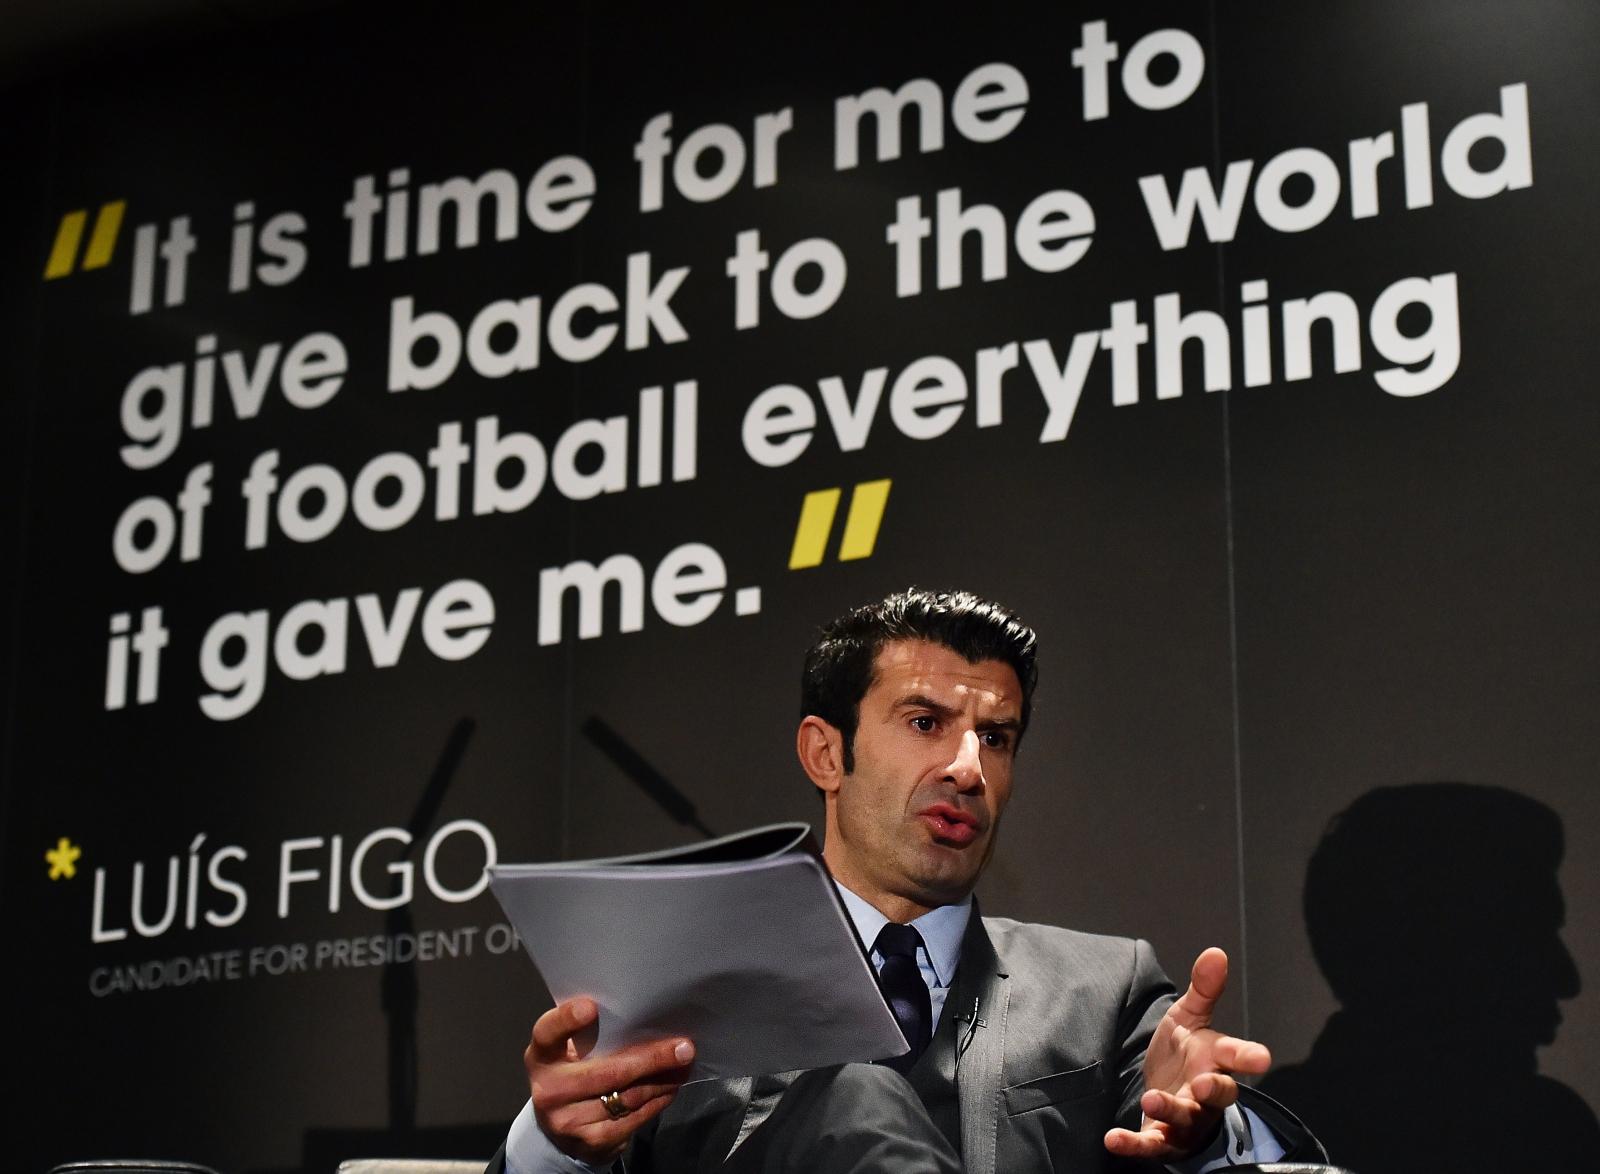 Luis Figo